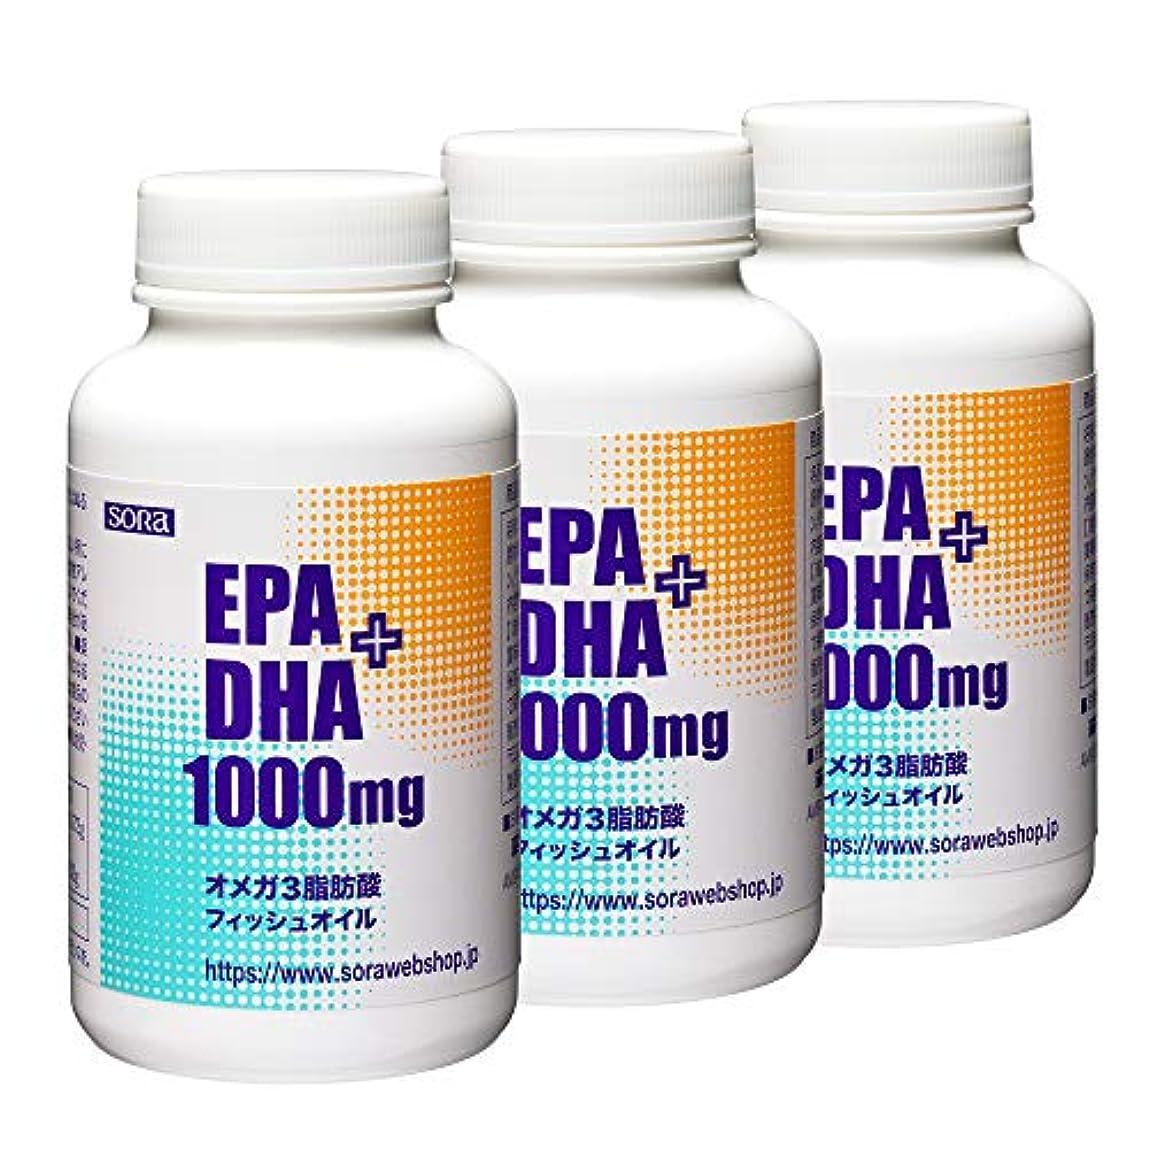 嫌悪節約するホテル【まとめ買い】そら EPA+DHA 1000mg (魚のオイル オメガ3) 【180粒入 × 3本セット】[5% OFF]